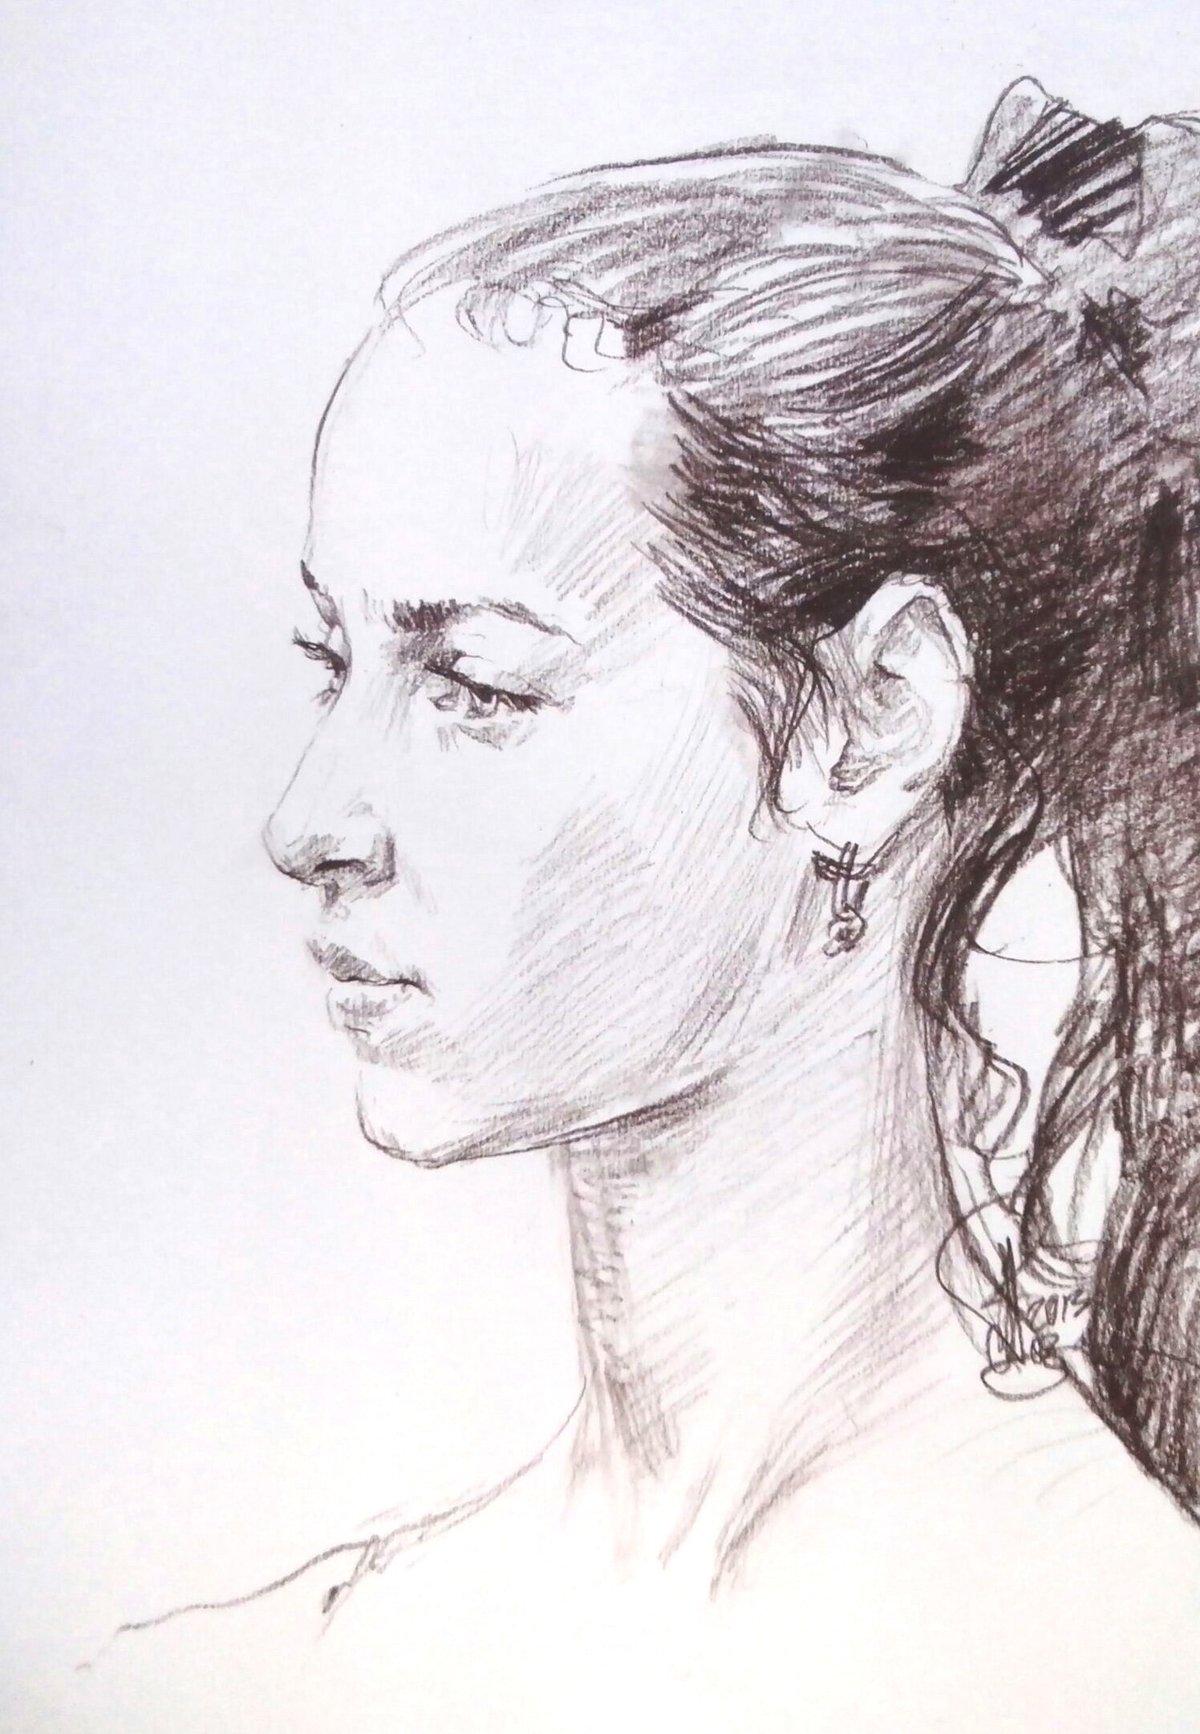 профиль портрет карандашом картинки книге представлена вся